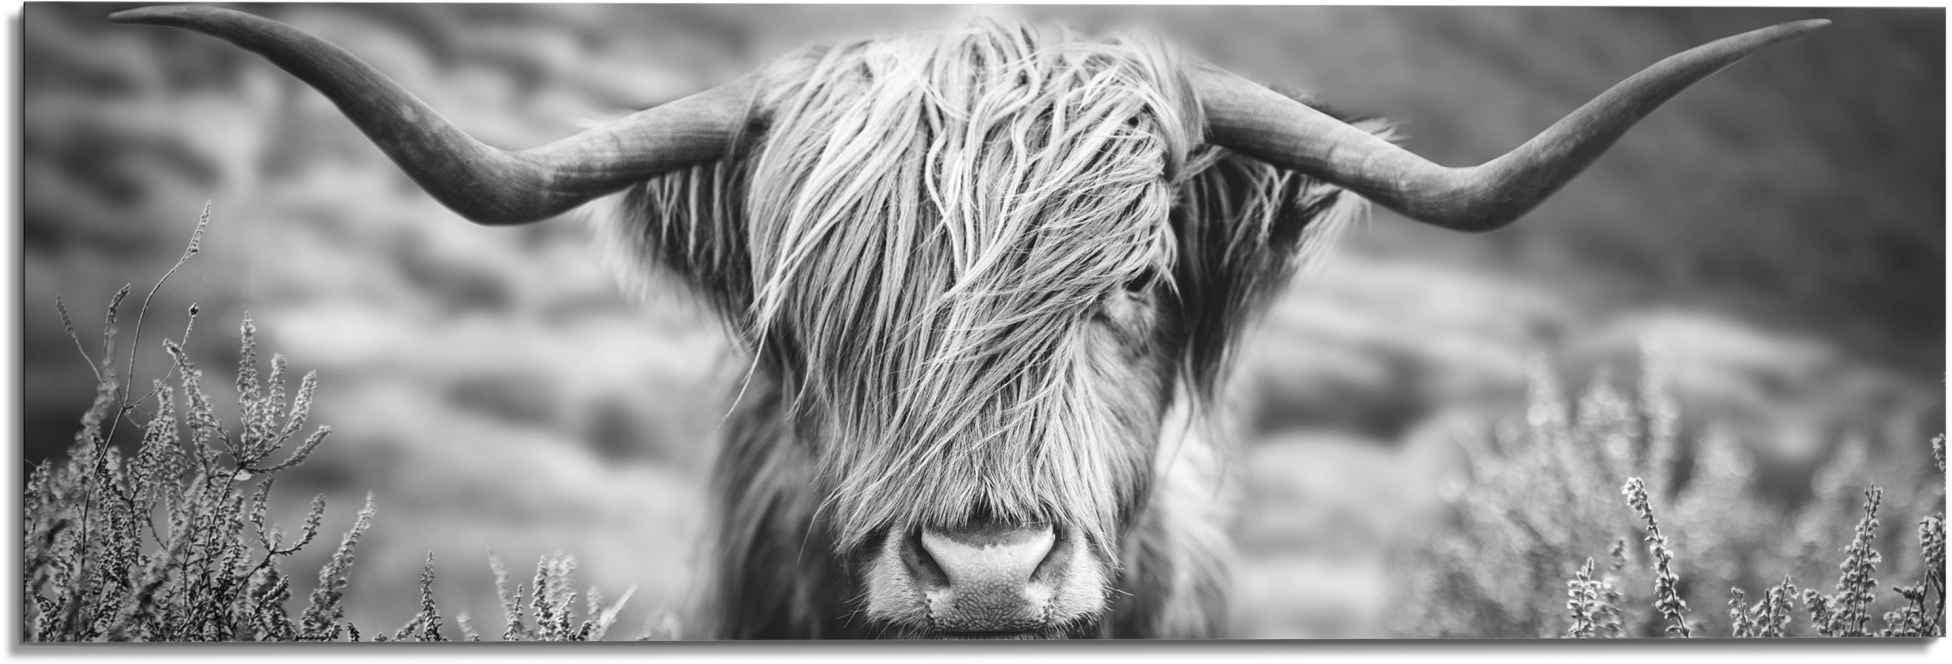 Reinders! artprint Highlander stier diermotief - close-up - Schotse hooglander beeld (1 stuk) bestellen: 30 dagen bedenktijd